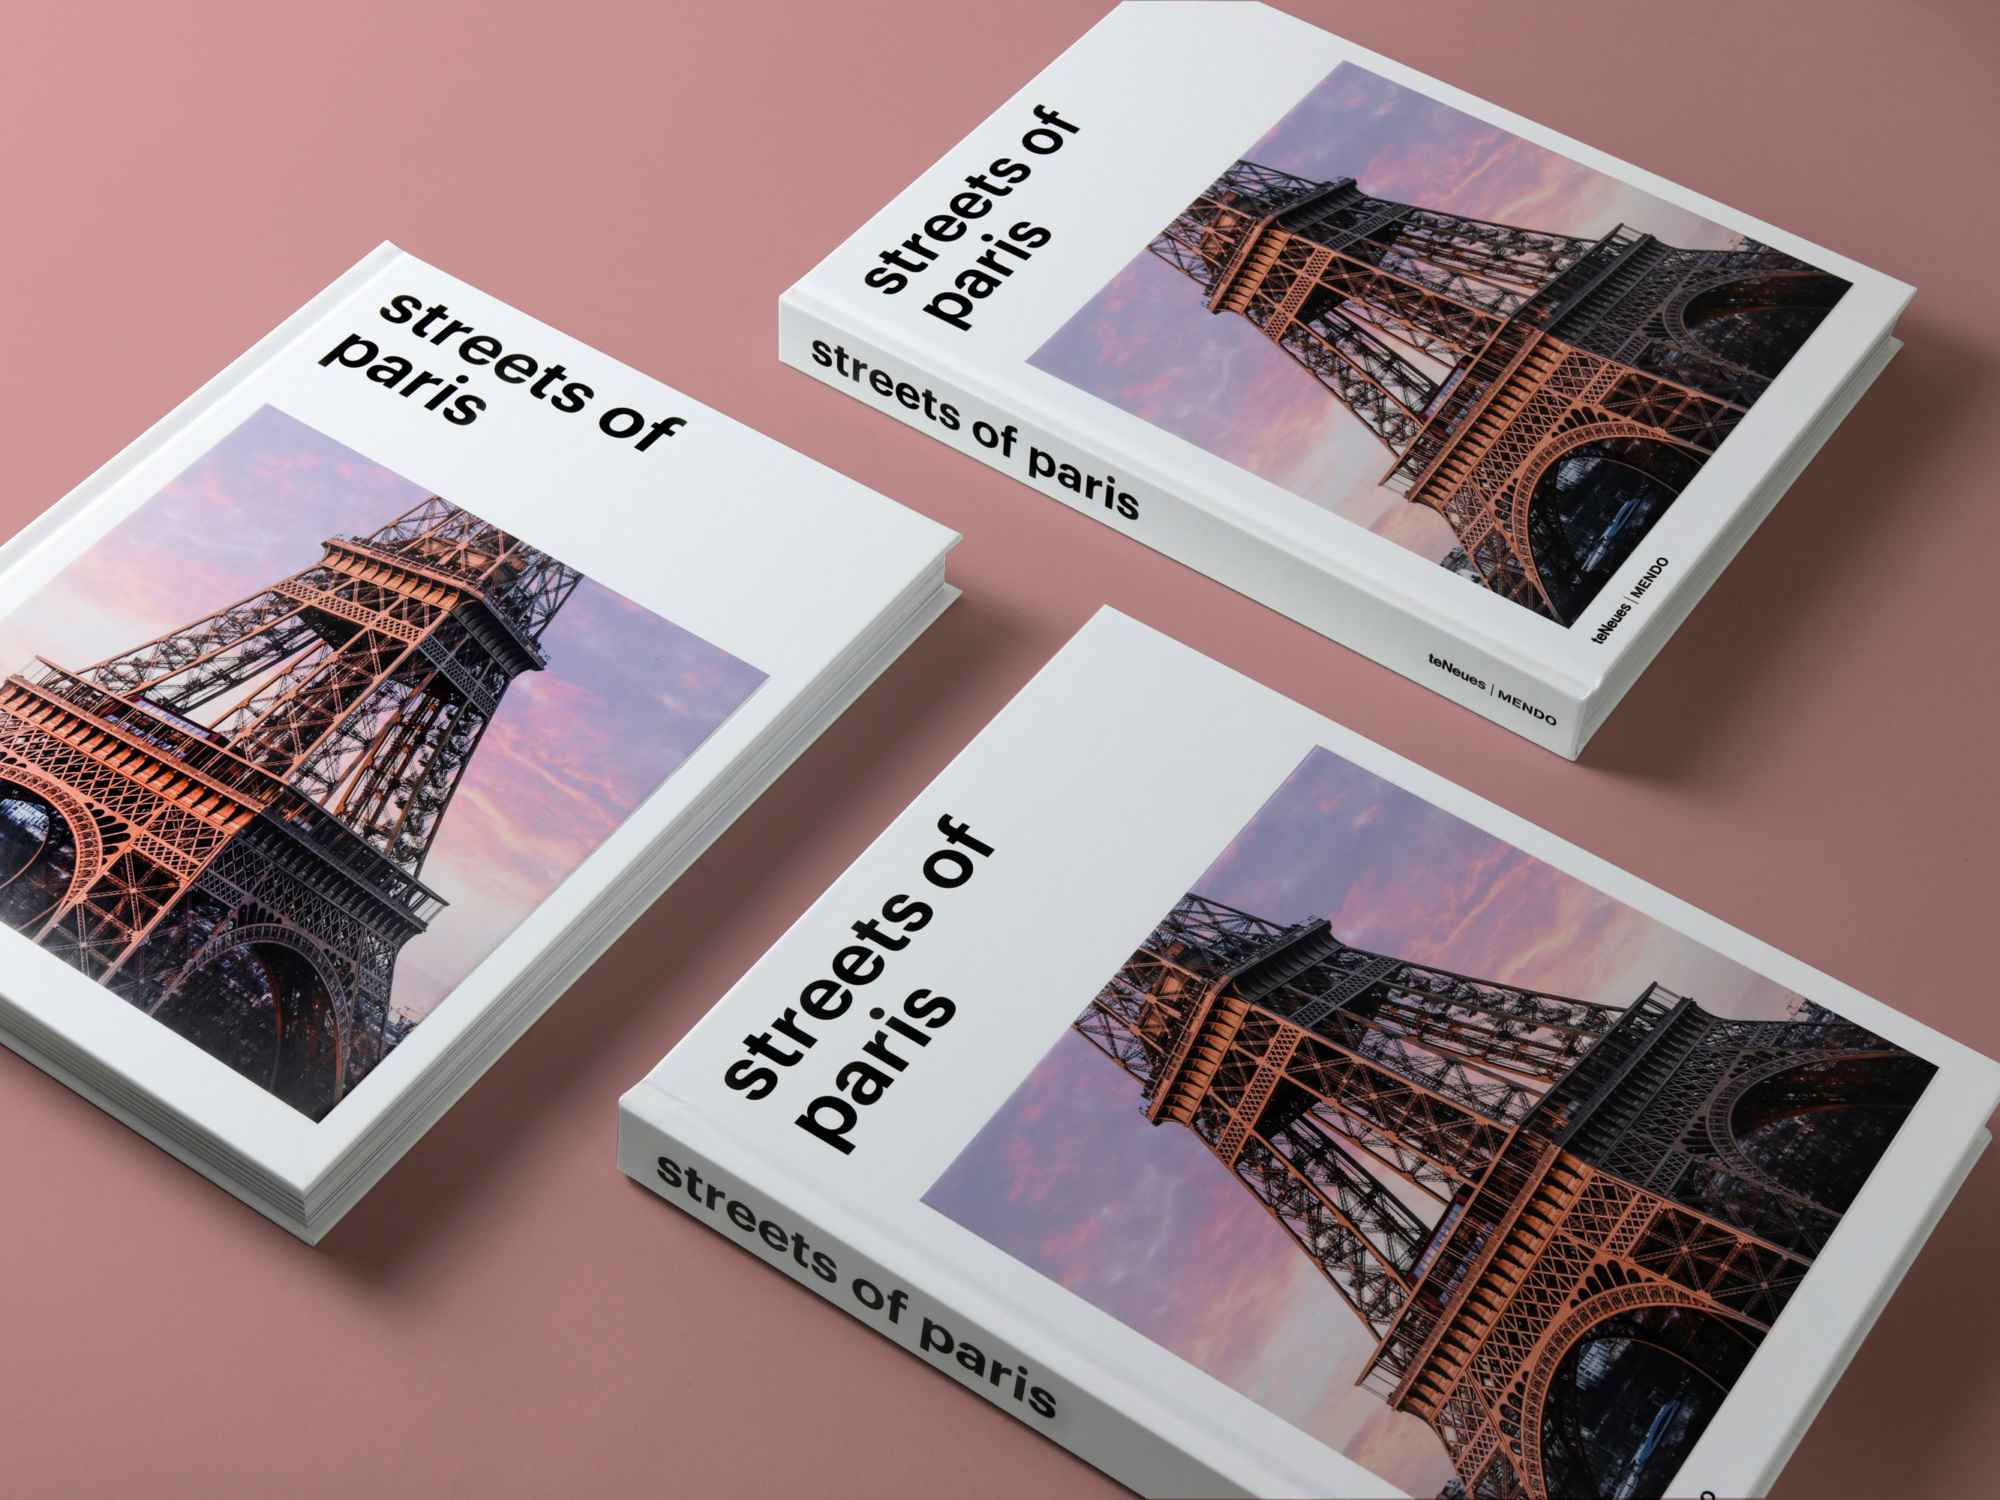 mendo-book-streets-of-paris-studio-25-2000x1500-c-default (1).jpg